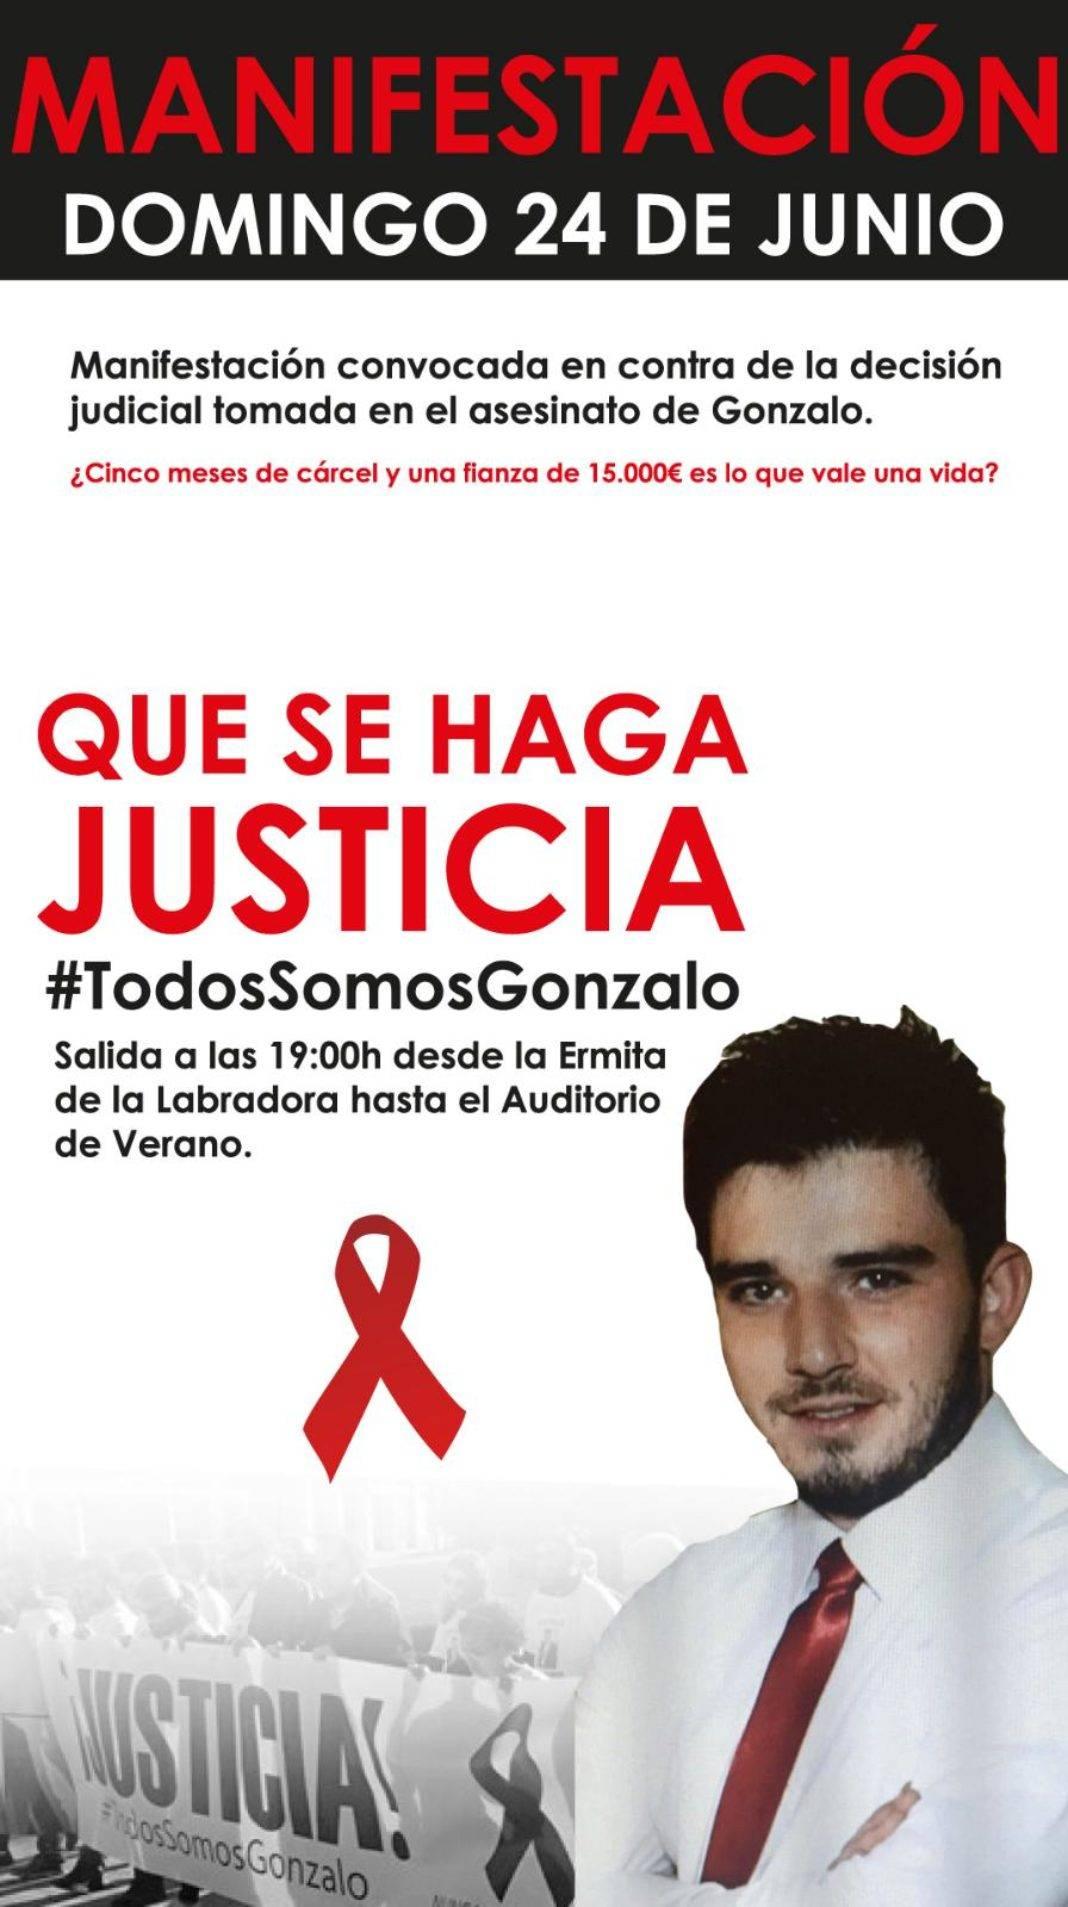 manifestacion 24 junio gonzalo herencia 1068x1907 - Herencia volverá a manifestarse reclamando justicia tras la muerte de Gonzalo Buján